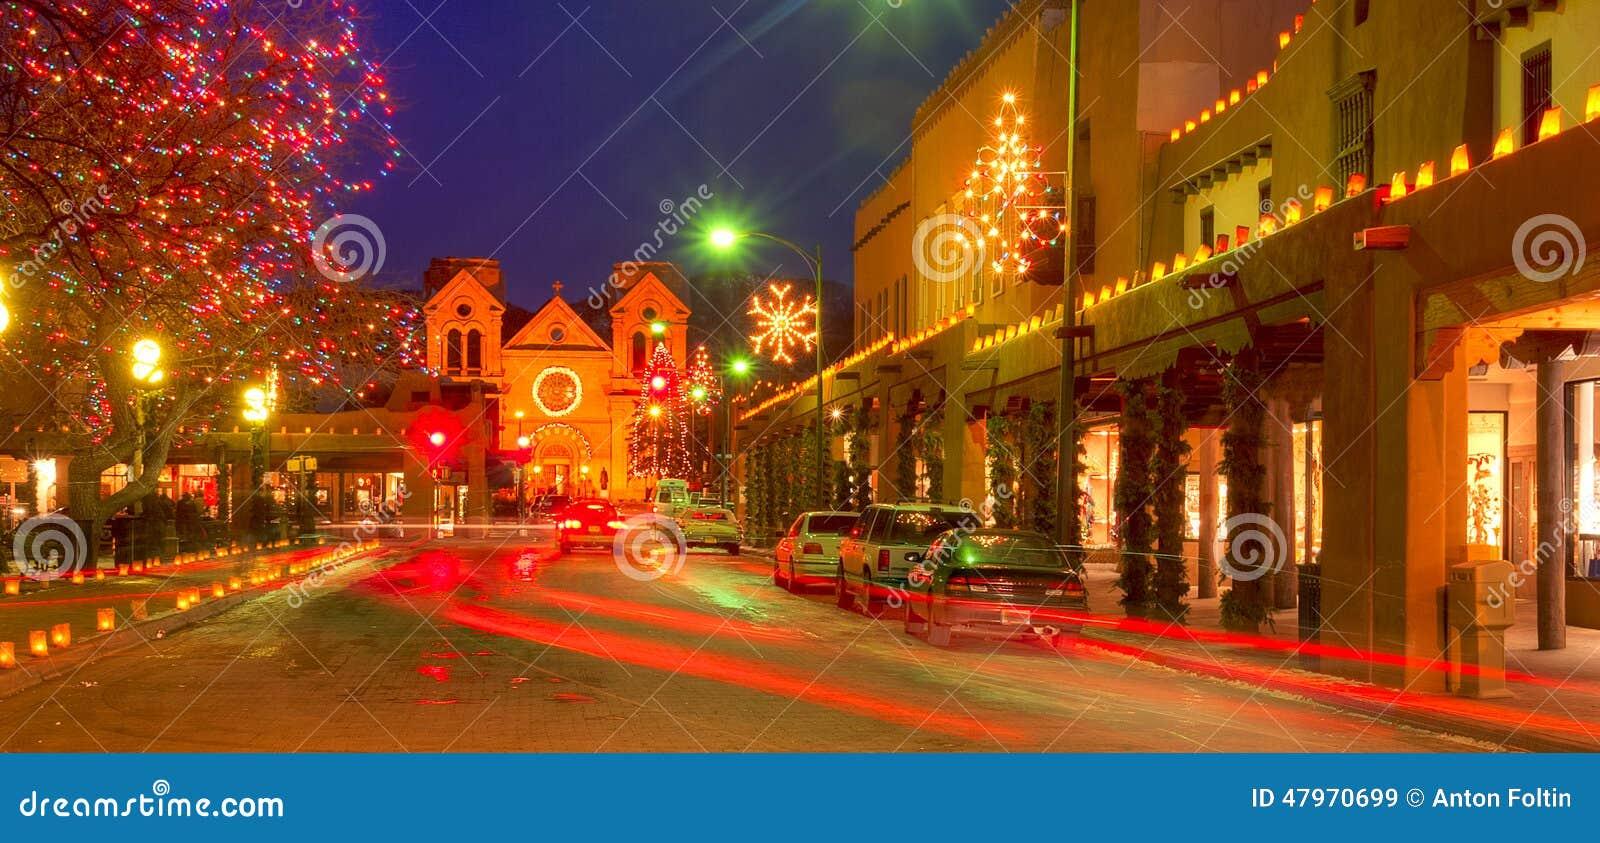 Santa Fe Stock Photo - Image: 47970699